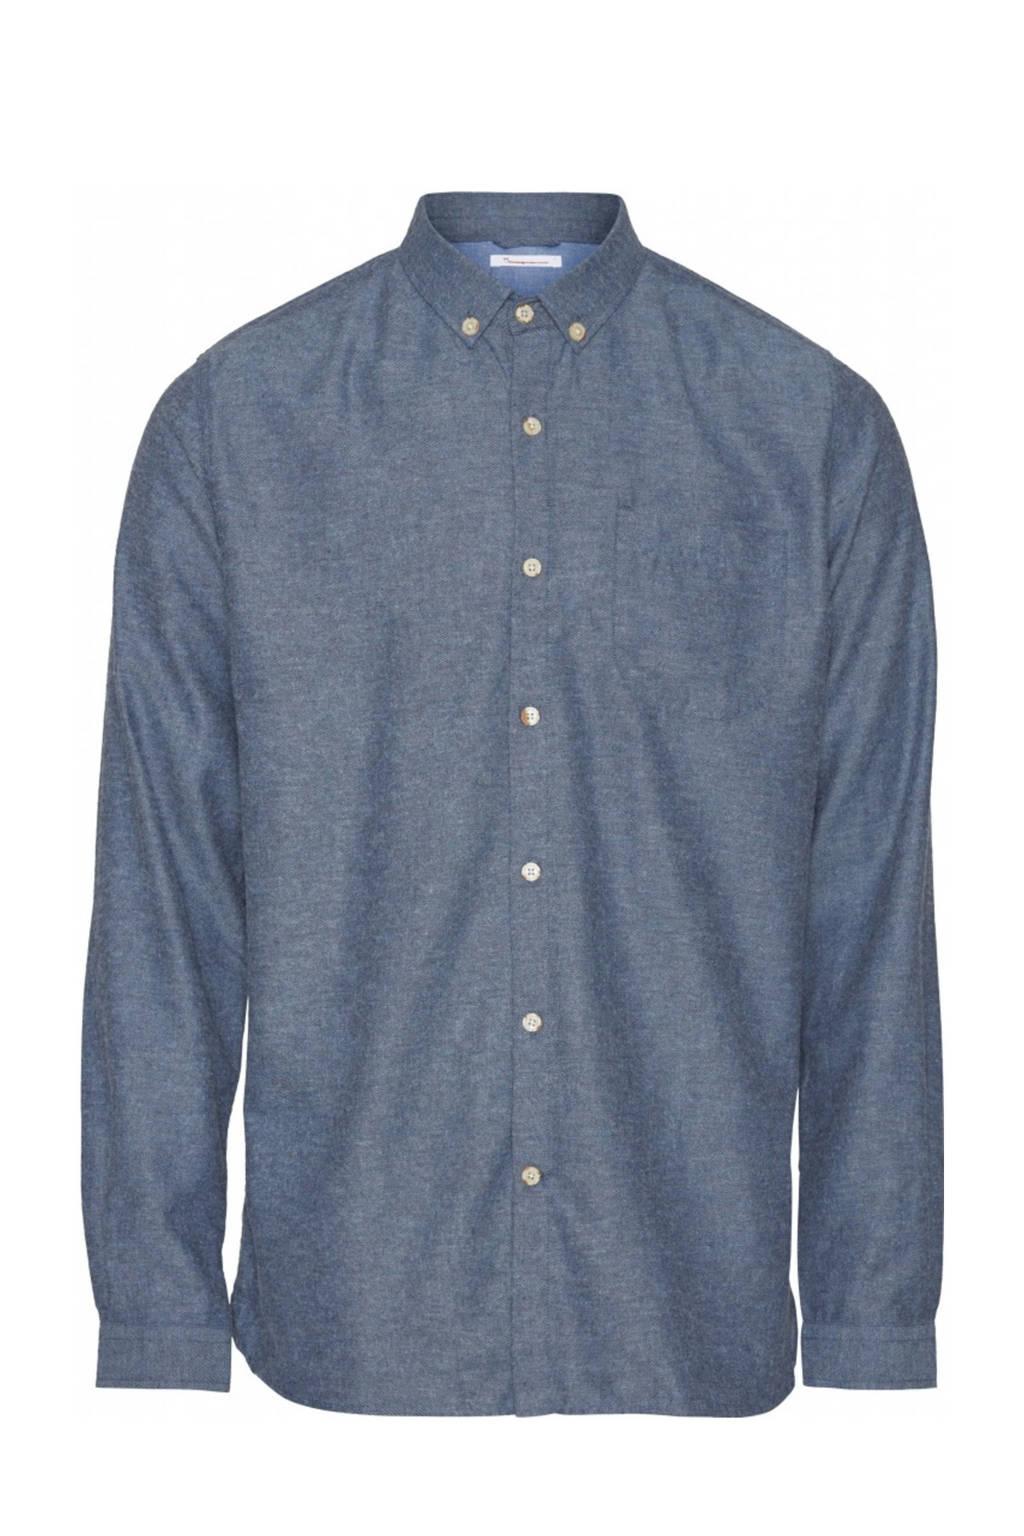 Knowledge Cotton Apparel gemêleerd regular fit overhemd van biologisch katoen blauw, Blauw